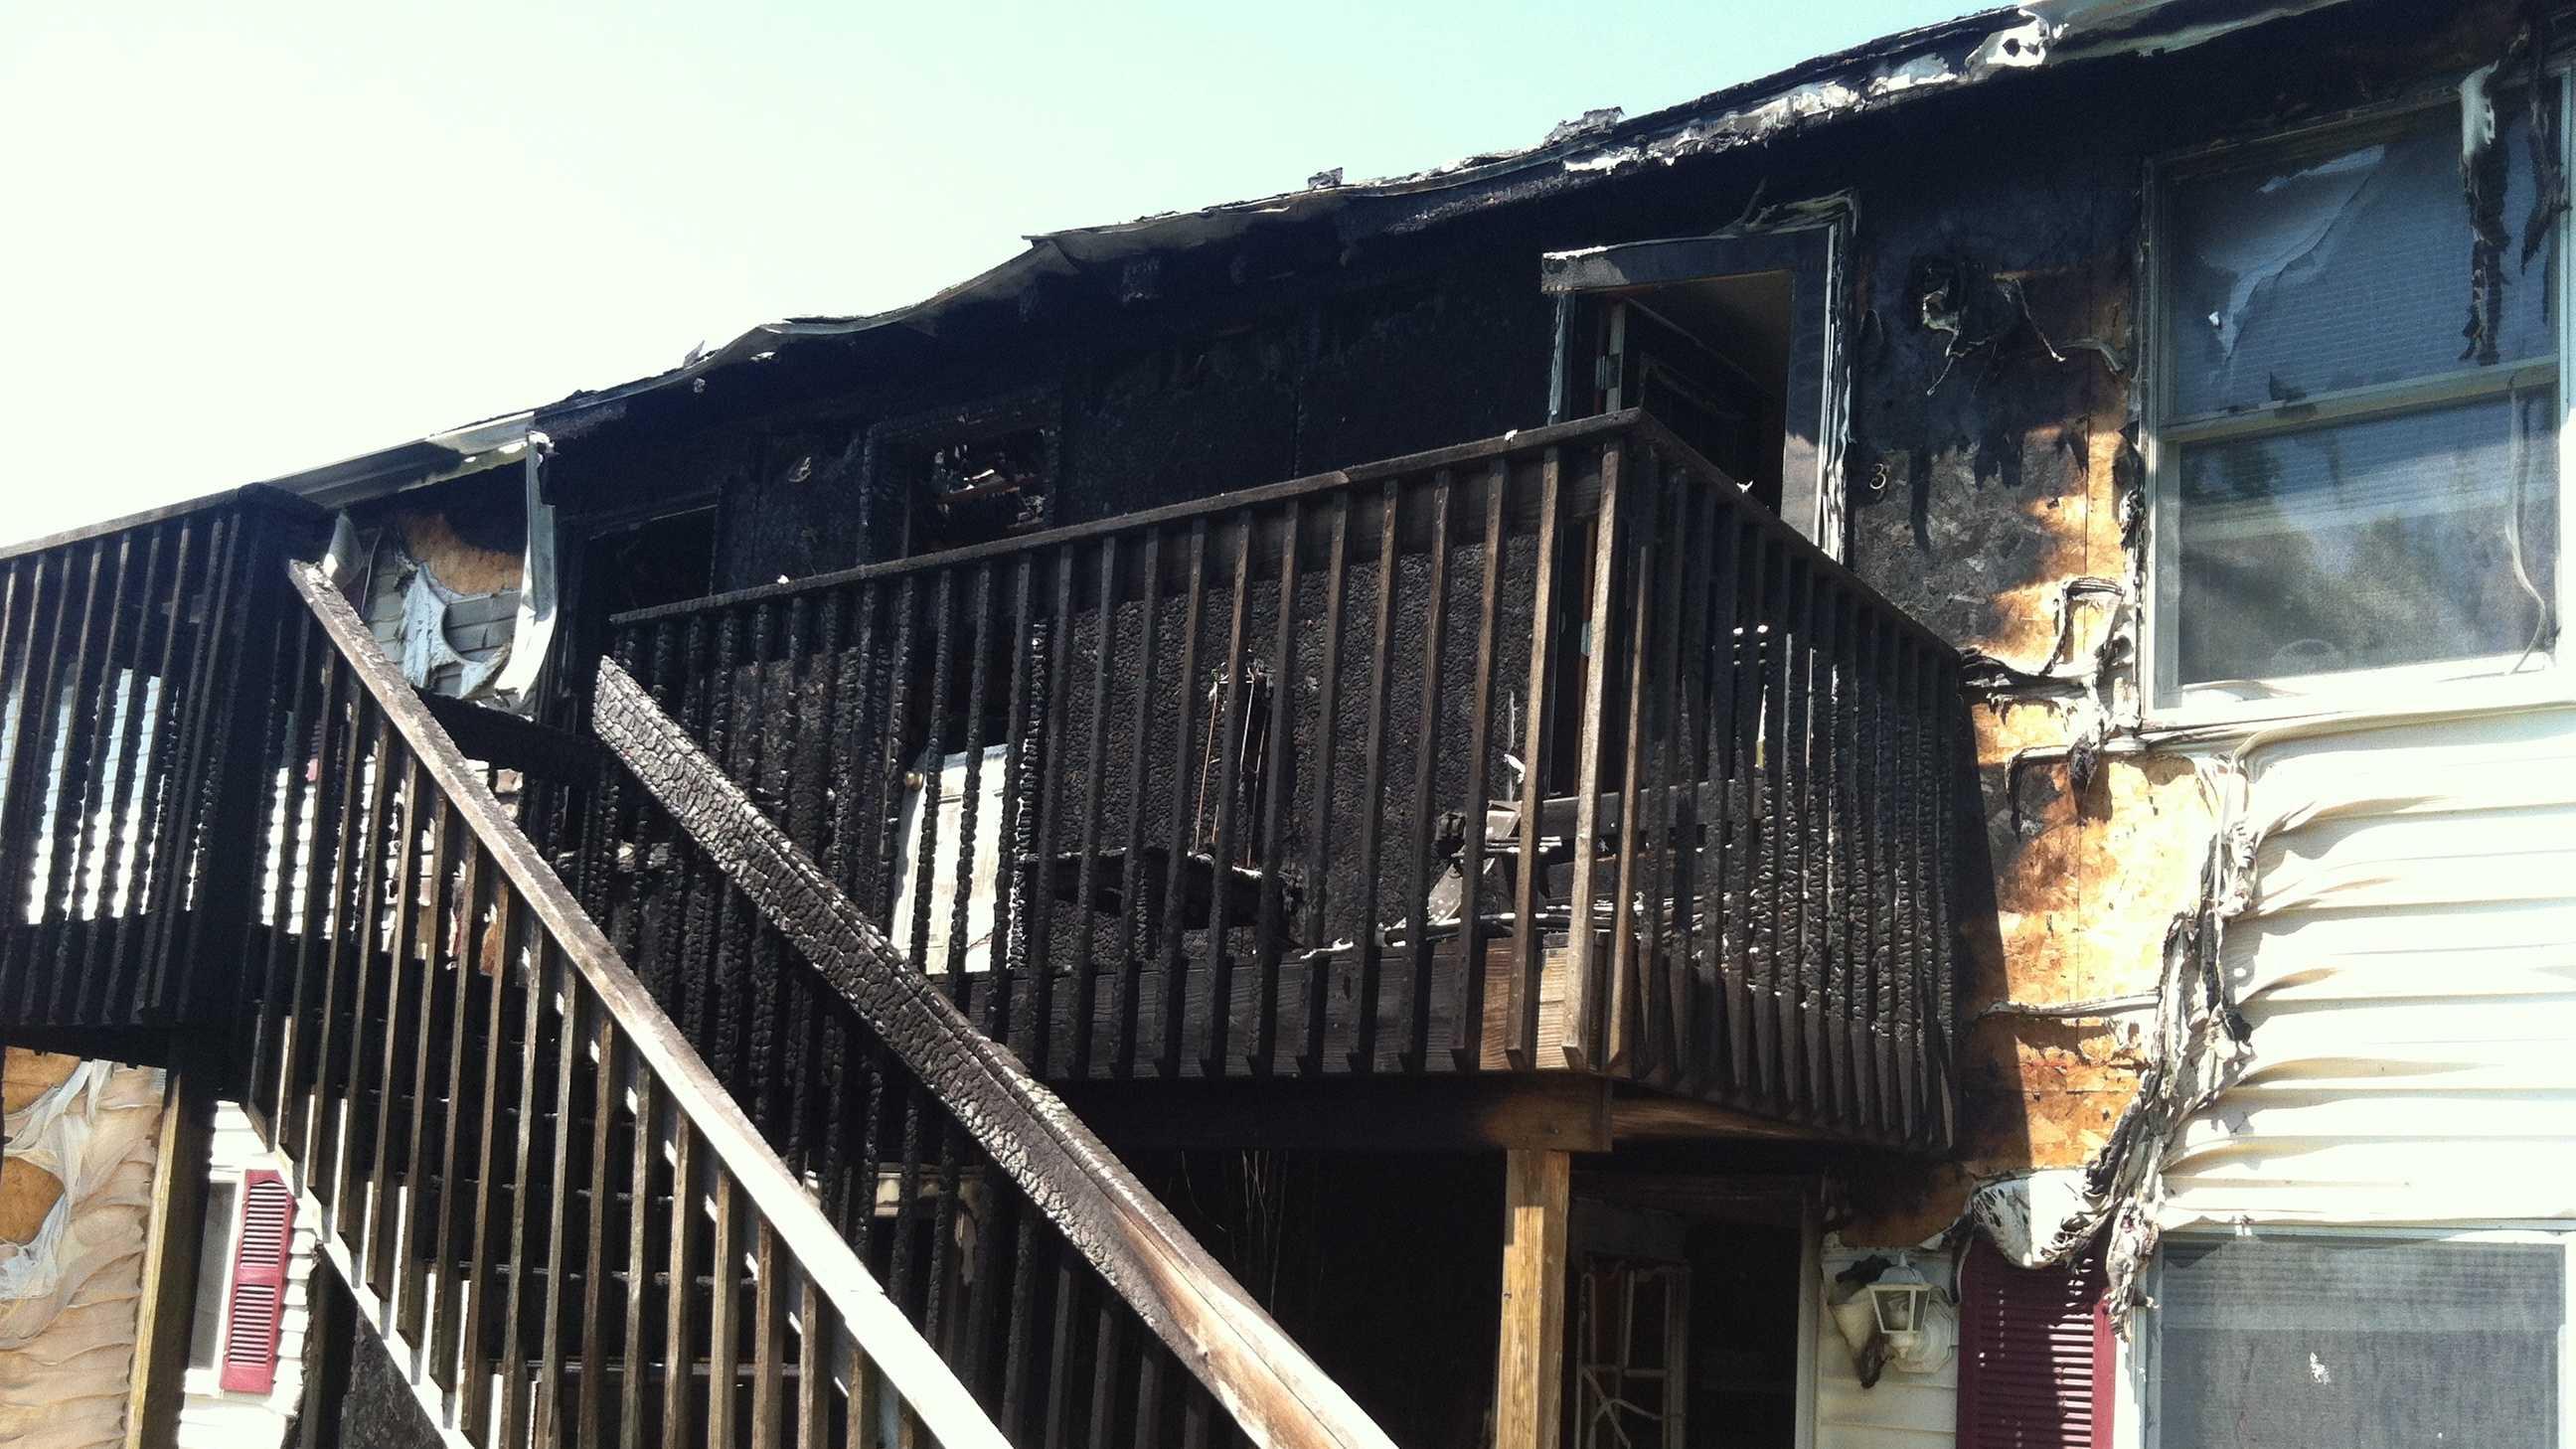 South Portland fire